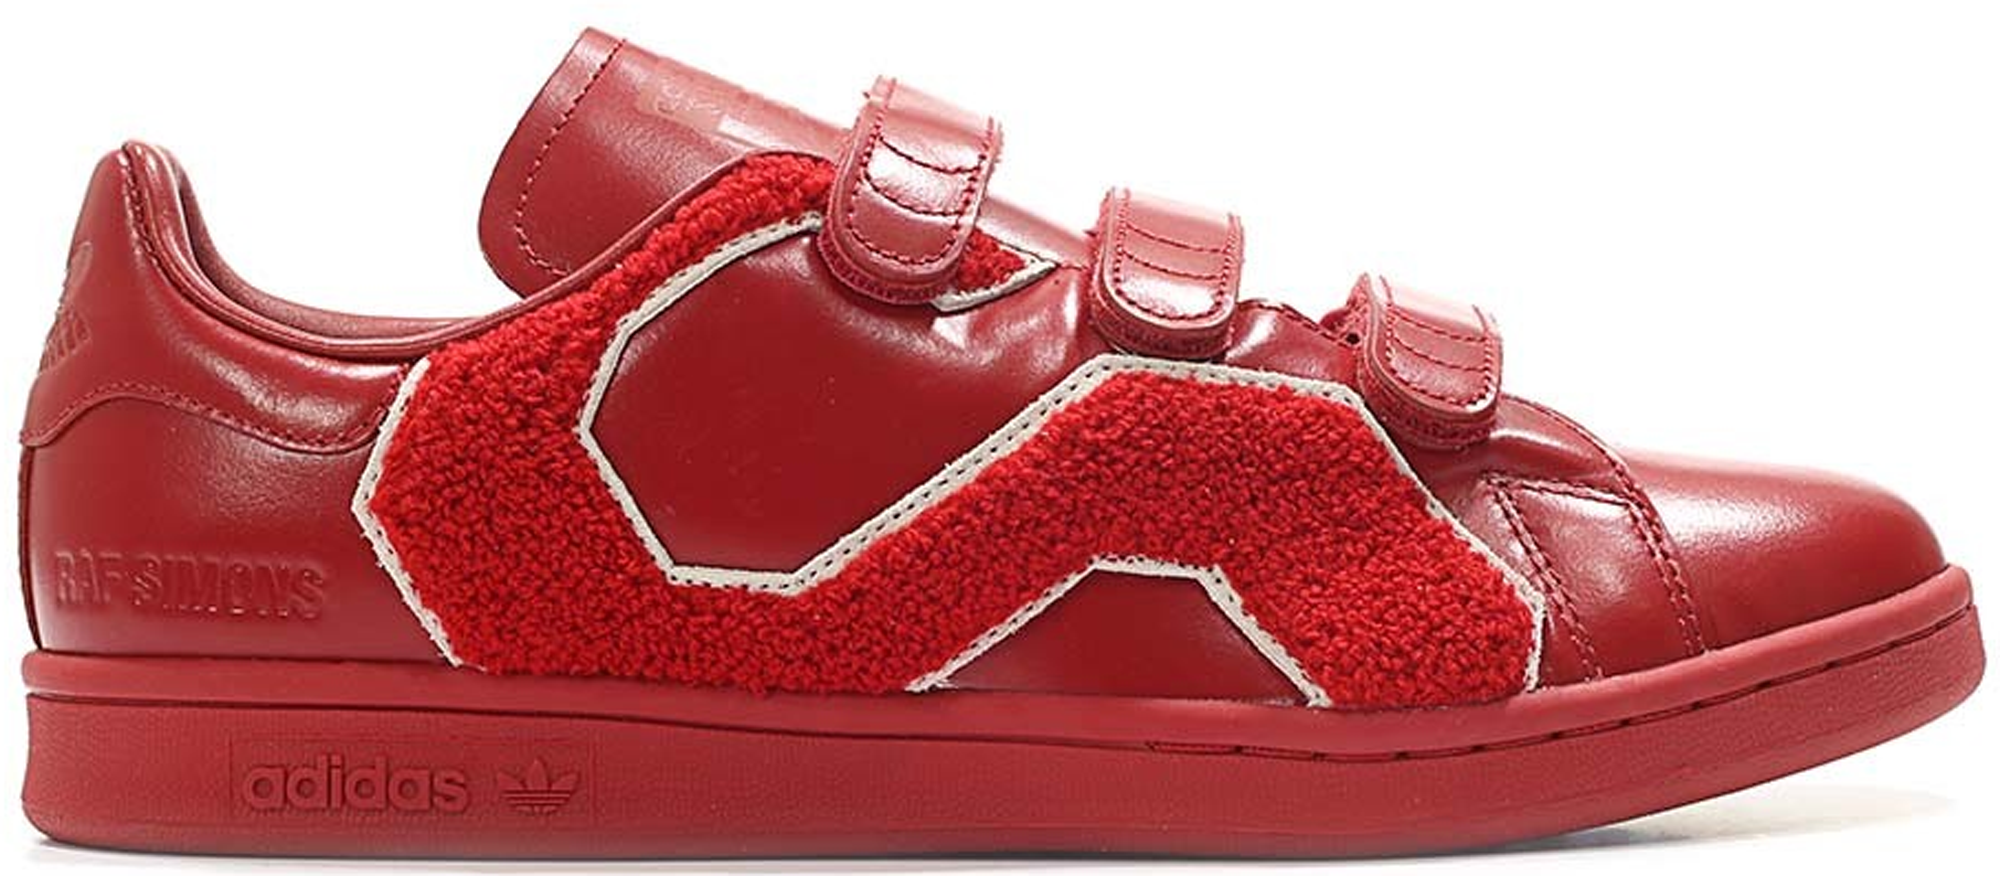 adidas Stan Smith Raf Simons Comfort Badge Power Red